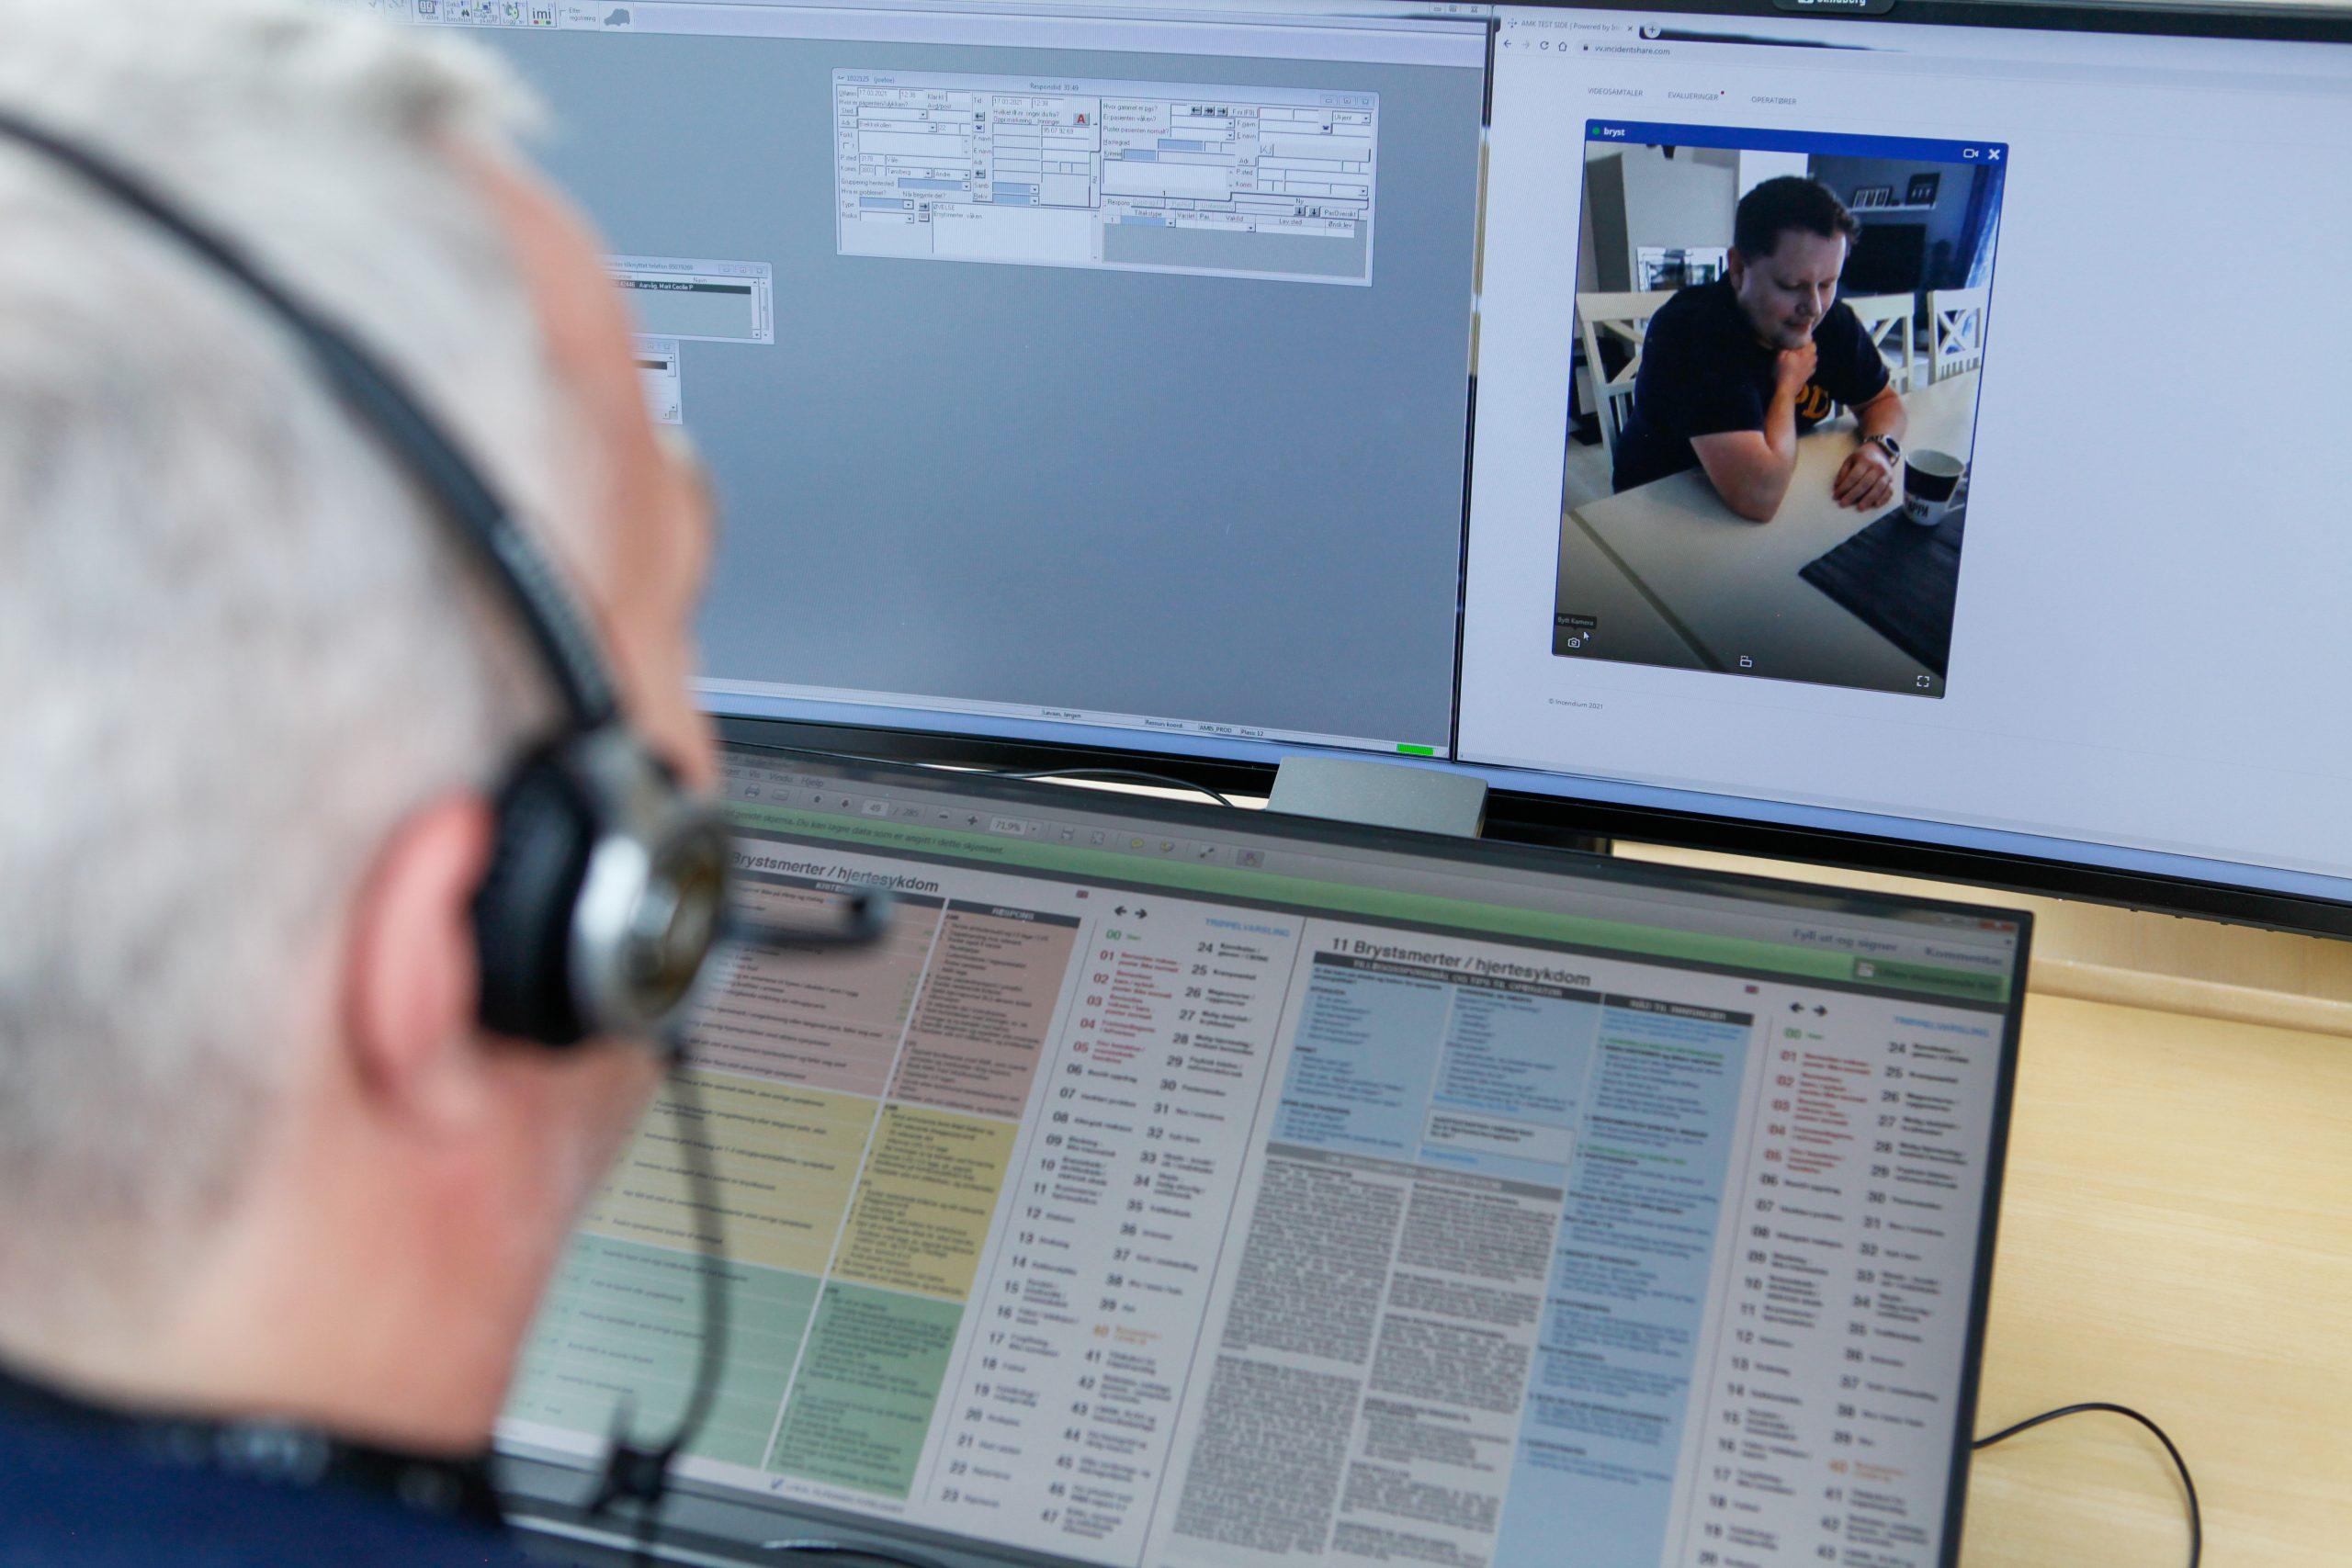 AMK medarbejder modtager videokald